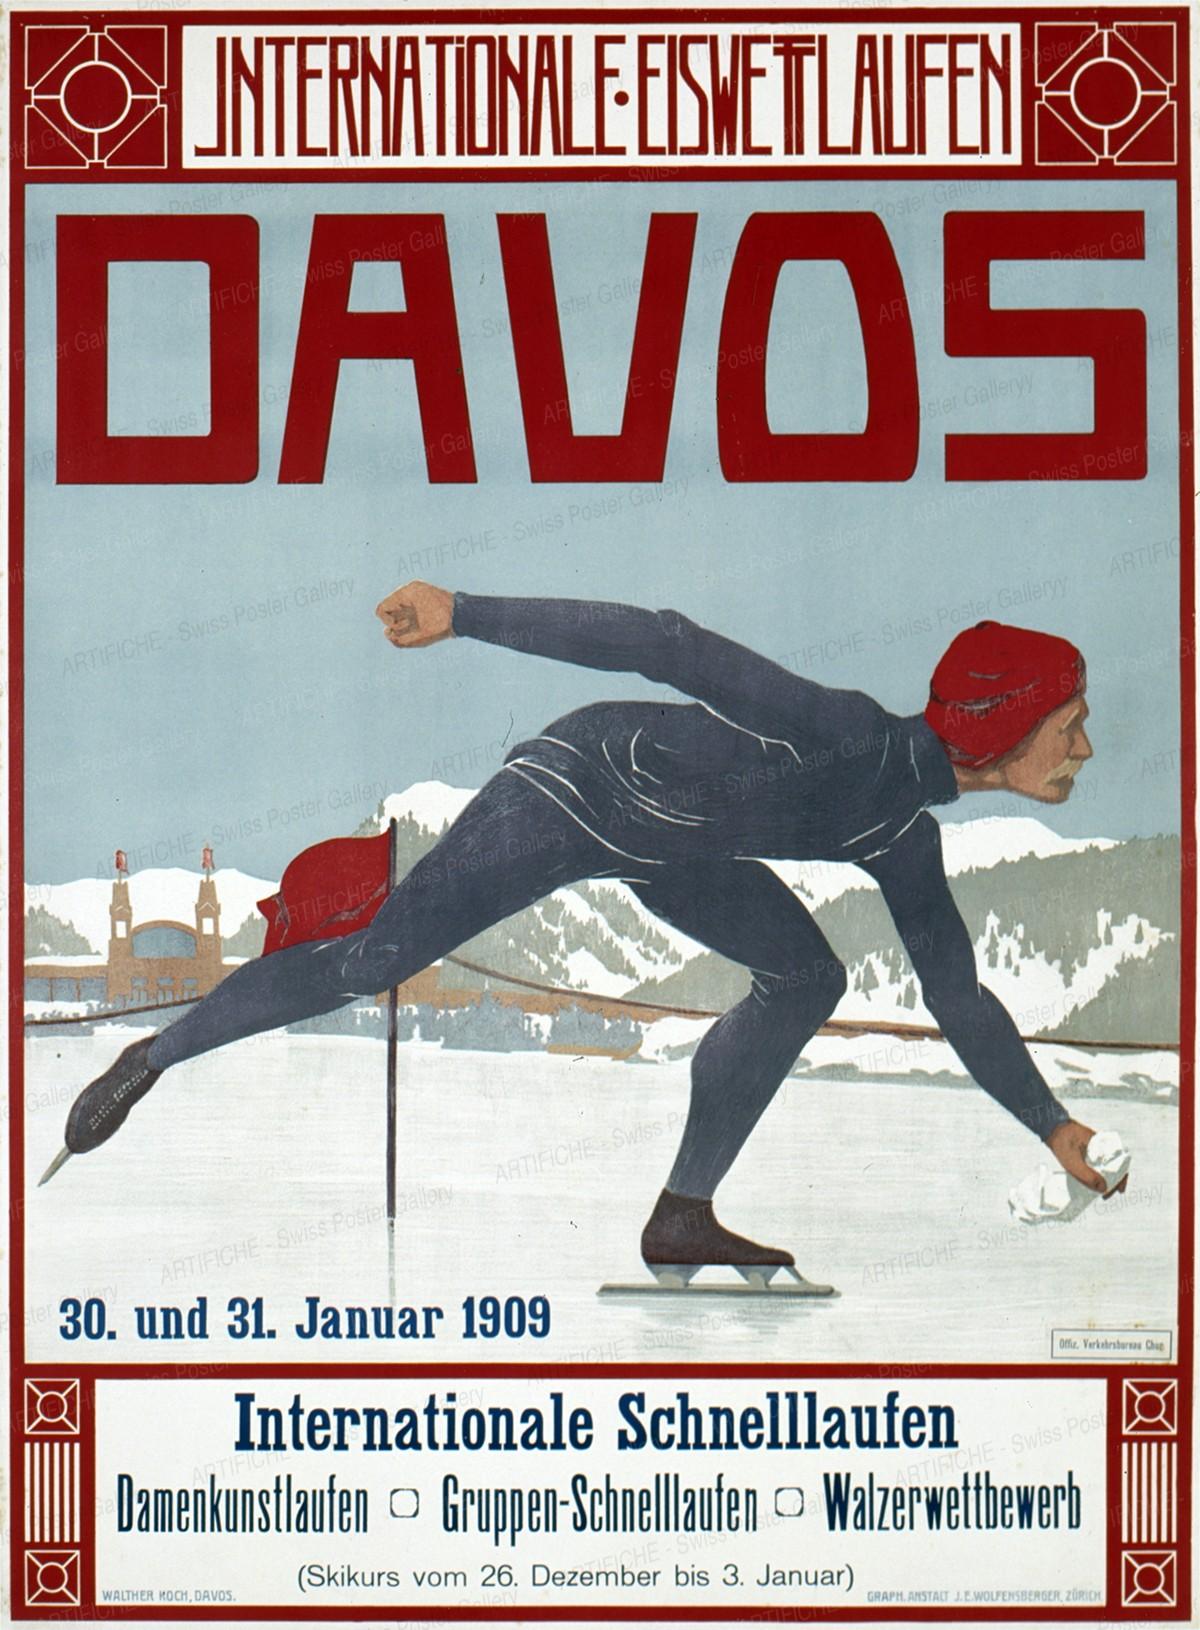 DAVOS INTERNATIONALE EISWETTLAUFEN – Internationales Schnellaufen Januar 1909, Walther Koch